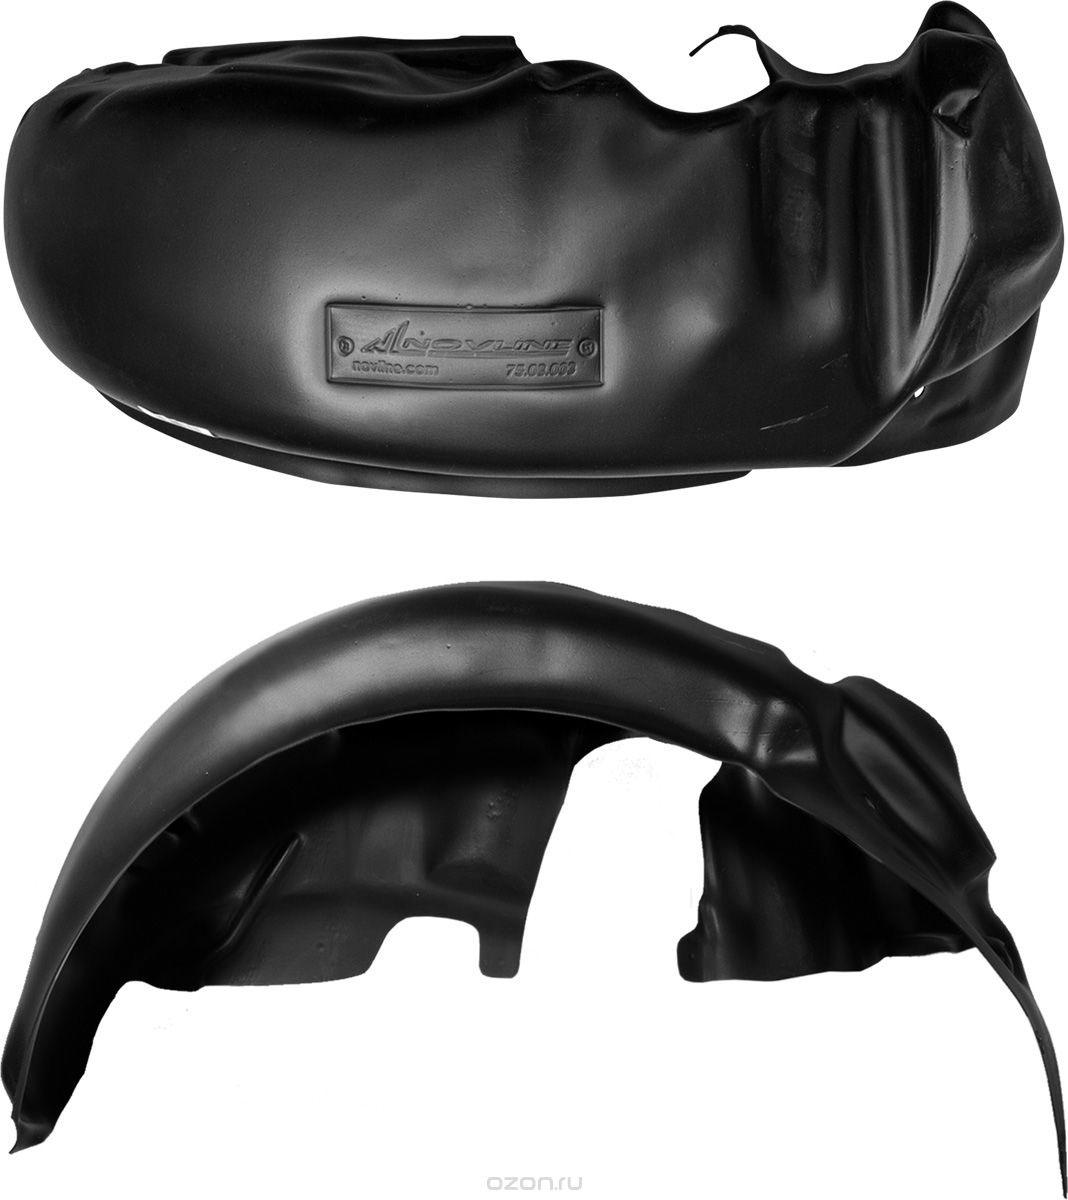 Подкрылок Novline-Autofamily, для NISSAN X-Trail, 2007-2011, 2011->, передний, правыйVCA-00Идеальная защита колесной ниши. Локеры разработаны с применением цифровых технологий, гарантируют максимальную повторяемость поверхности арки. Изделия устанавливаются без нарушения лакокрасочного покрытия автомобиля, каждый подкрылок комплектуется крепежом. Уважаемые клиенты, обращаем ваше внимание, что фотографии на подкрылки универсальные и не отражают реальную форму изделия. При этом само изделие идет точно под размер указанного автомобиля.